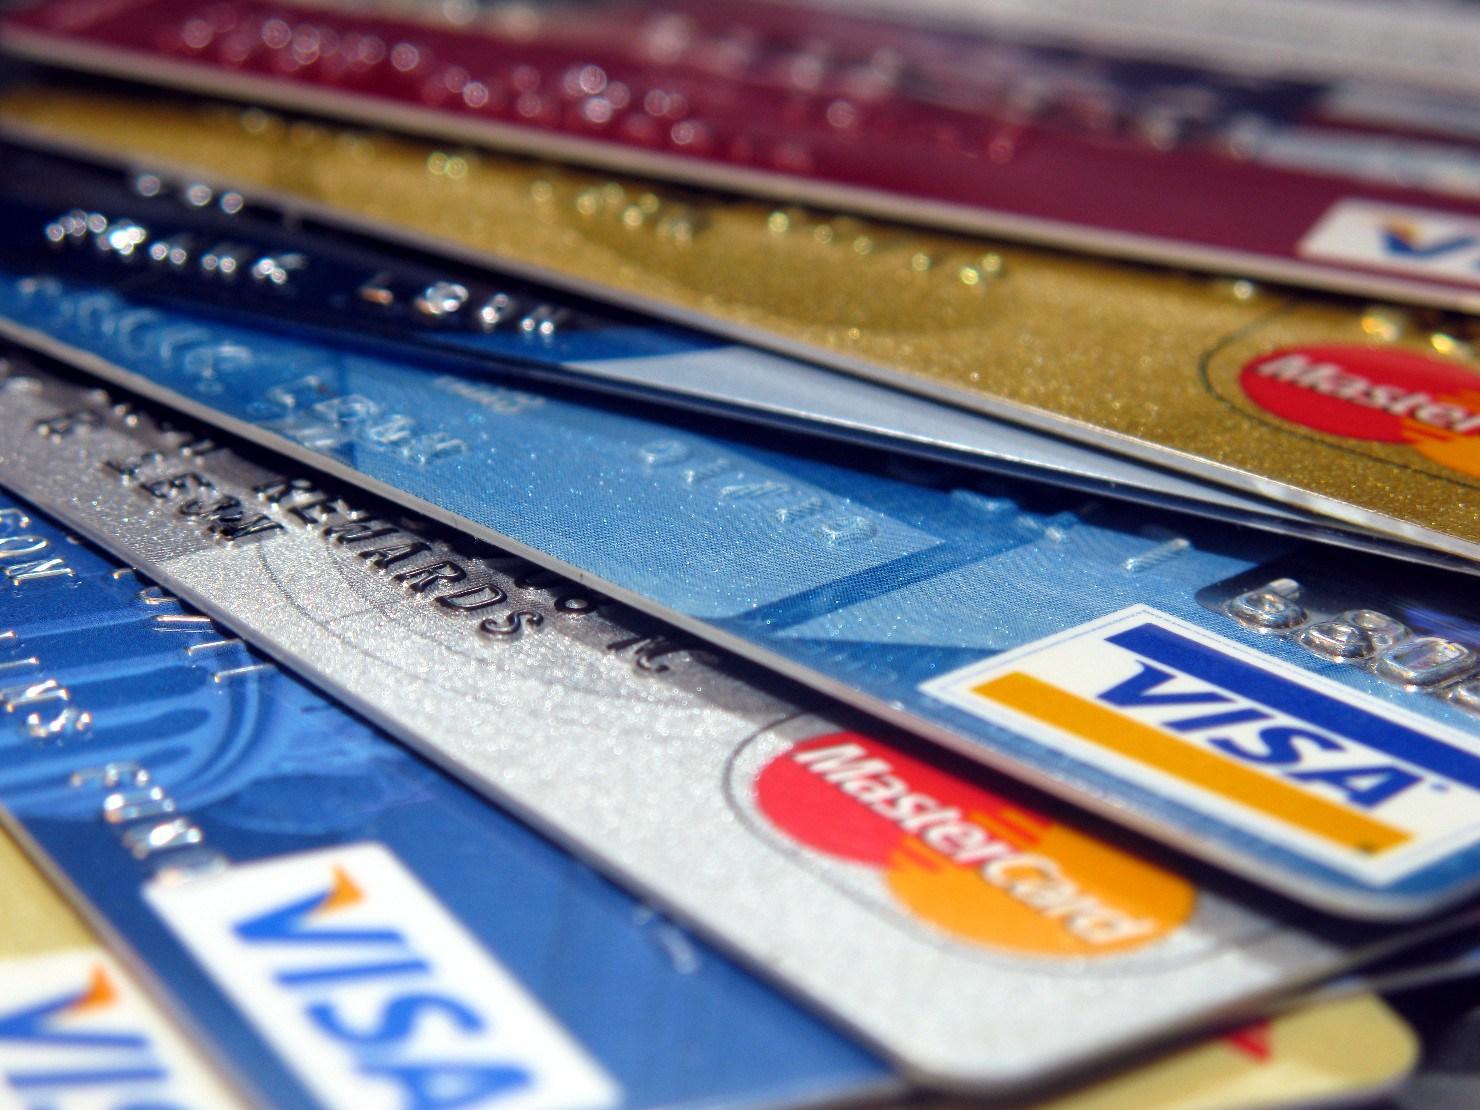 انواع کارت بانکی